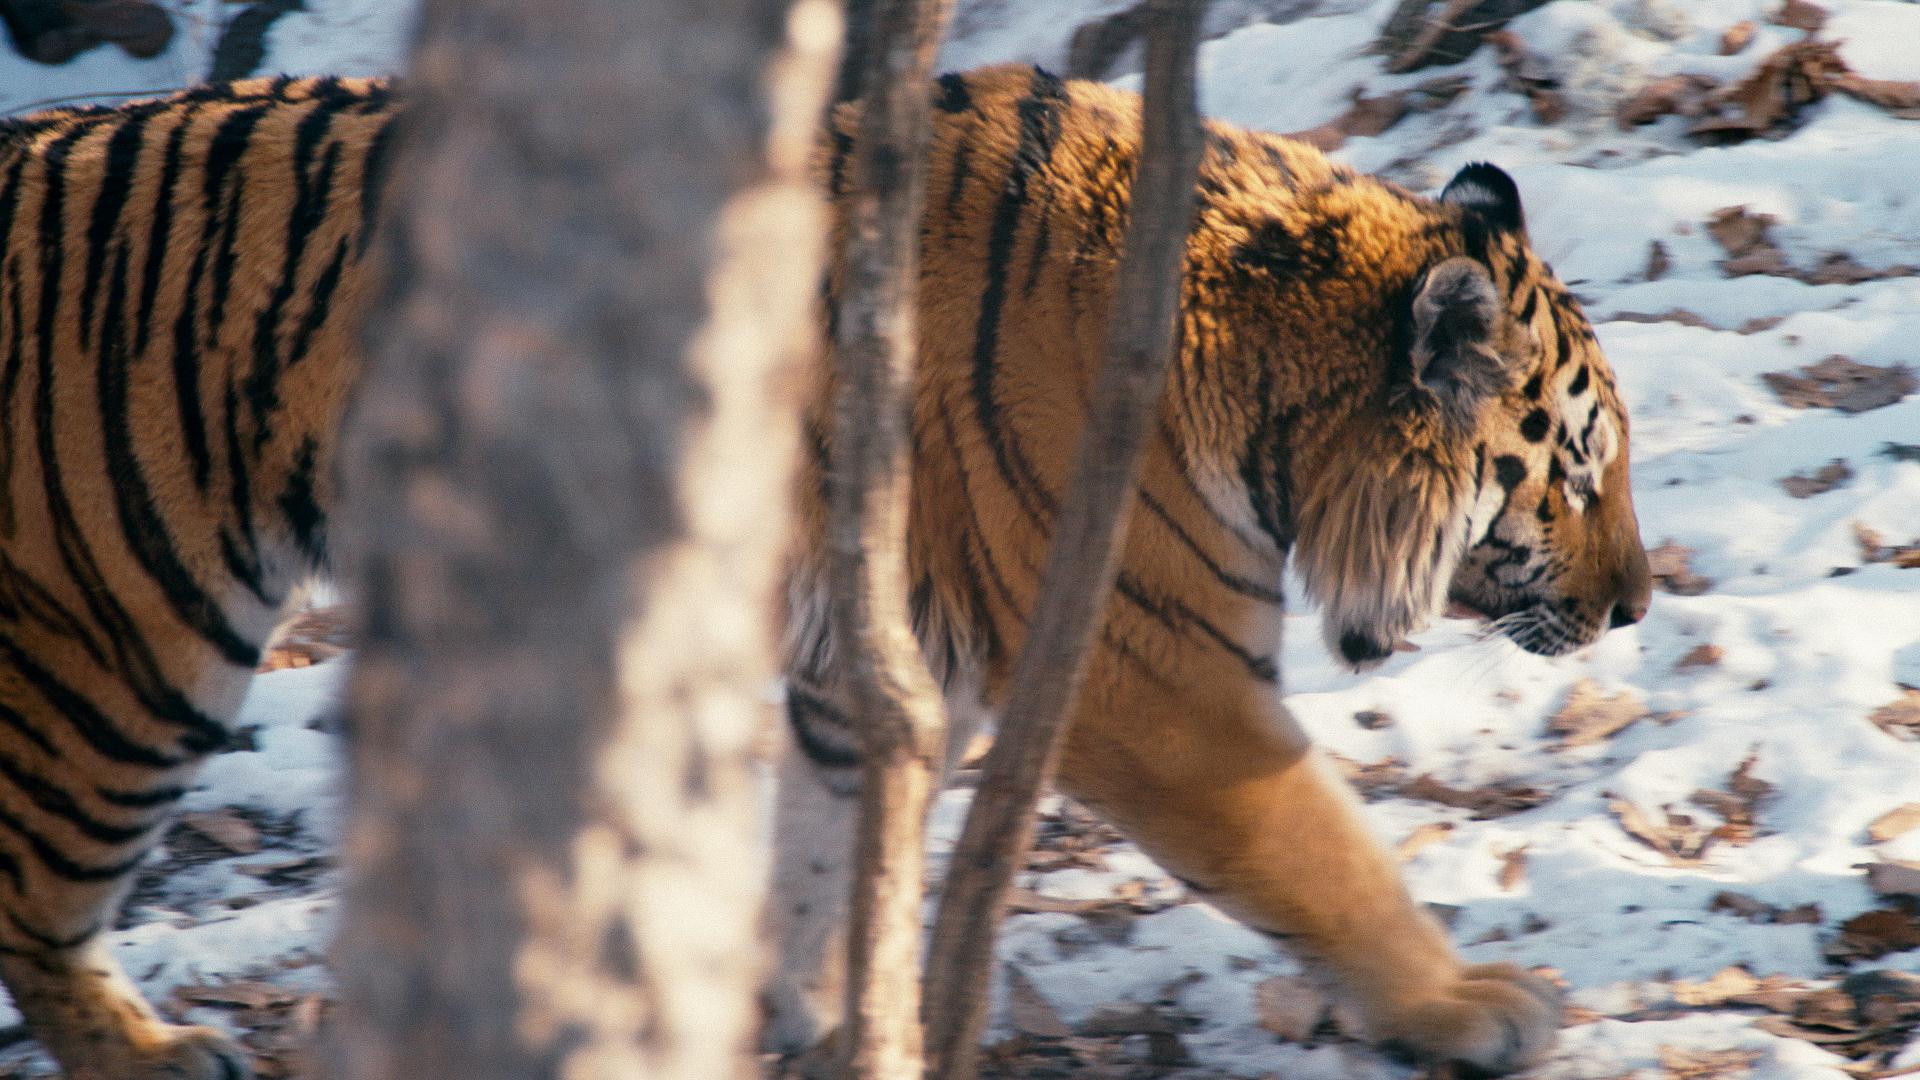 """SUNDANCE 2019: Con el foco puesto en el director de fotografía Matt Porwoll - """"Tigerland"""""""